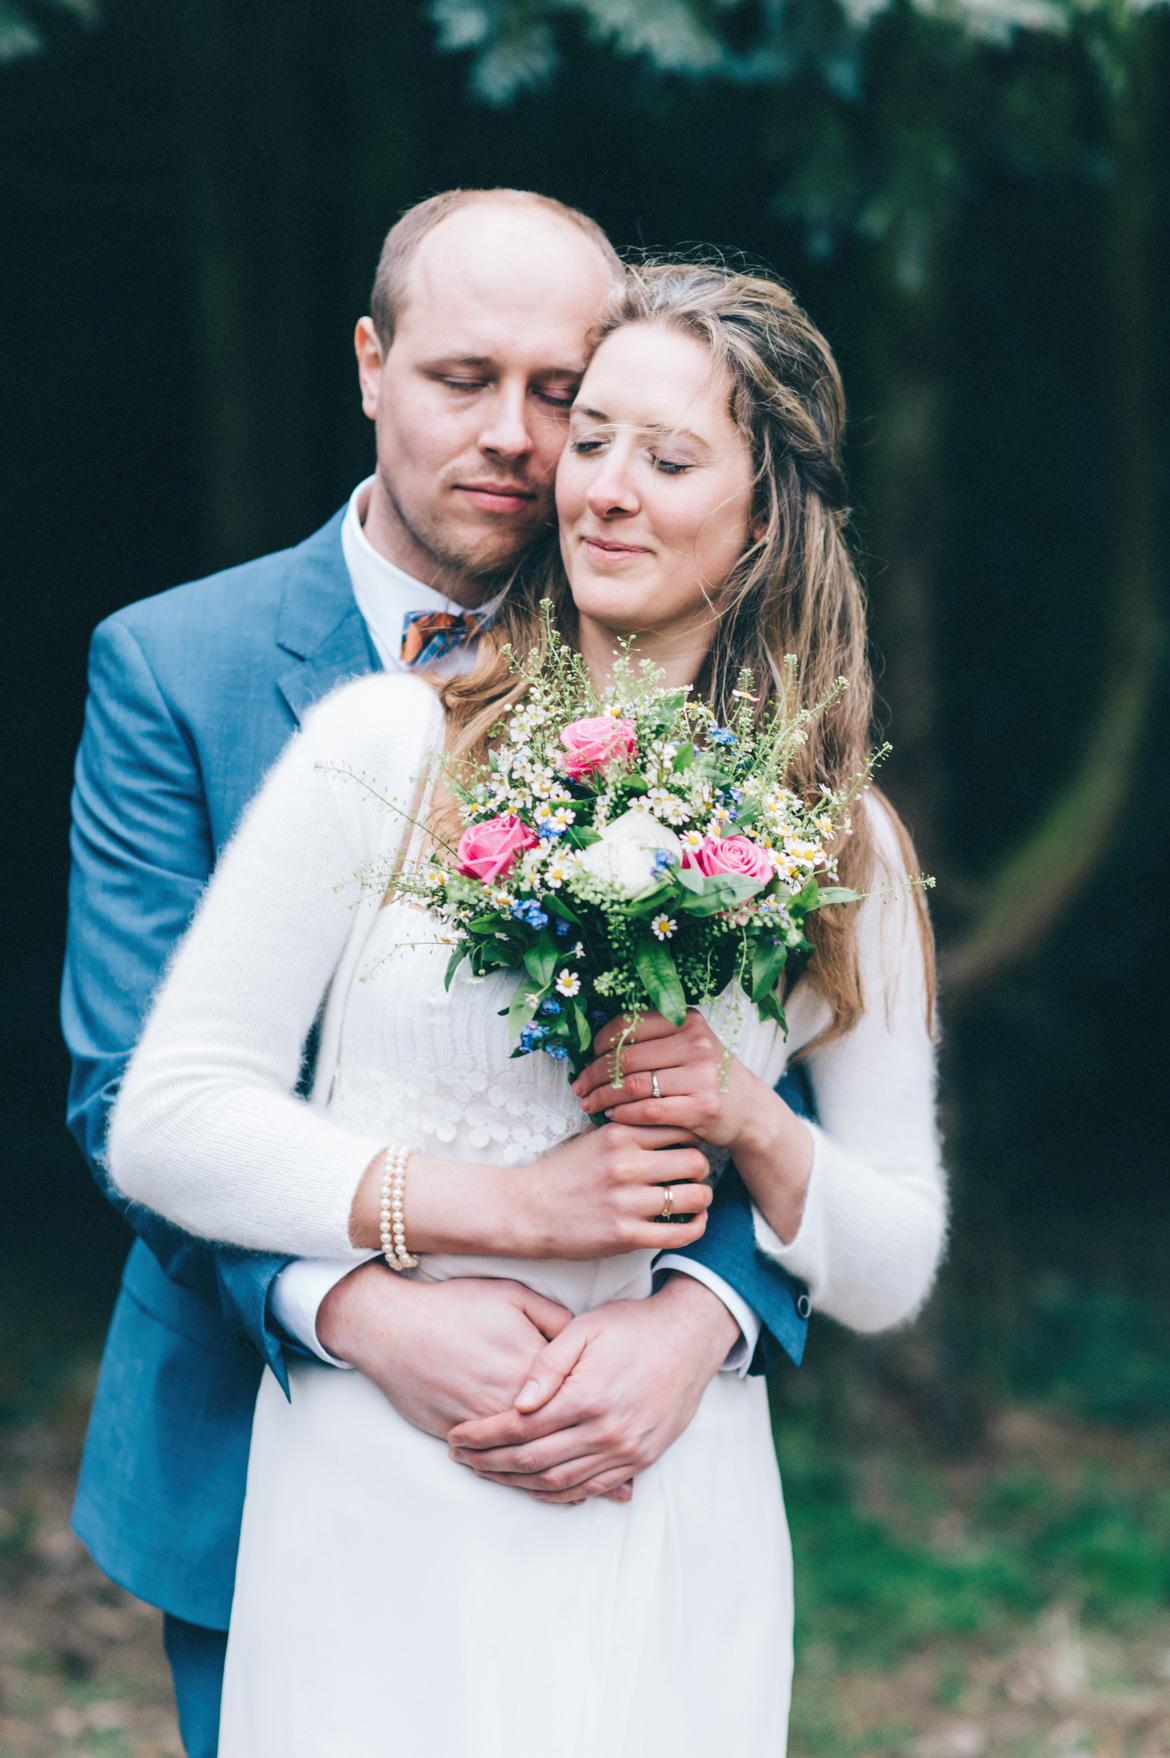 DIY-Hochzeit-koblenz-hoch-19 Tina & Miro DIY Wedding Cafe KostbarDIY Hochzeit koblenz hoch 19